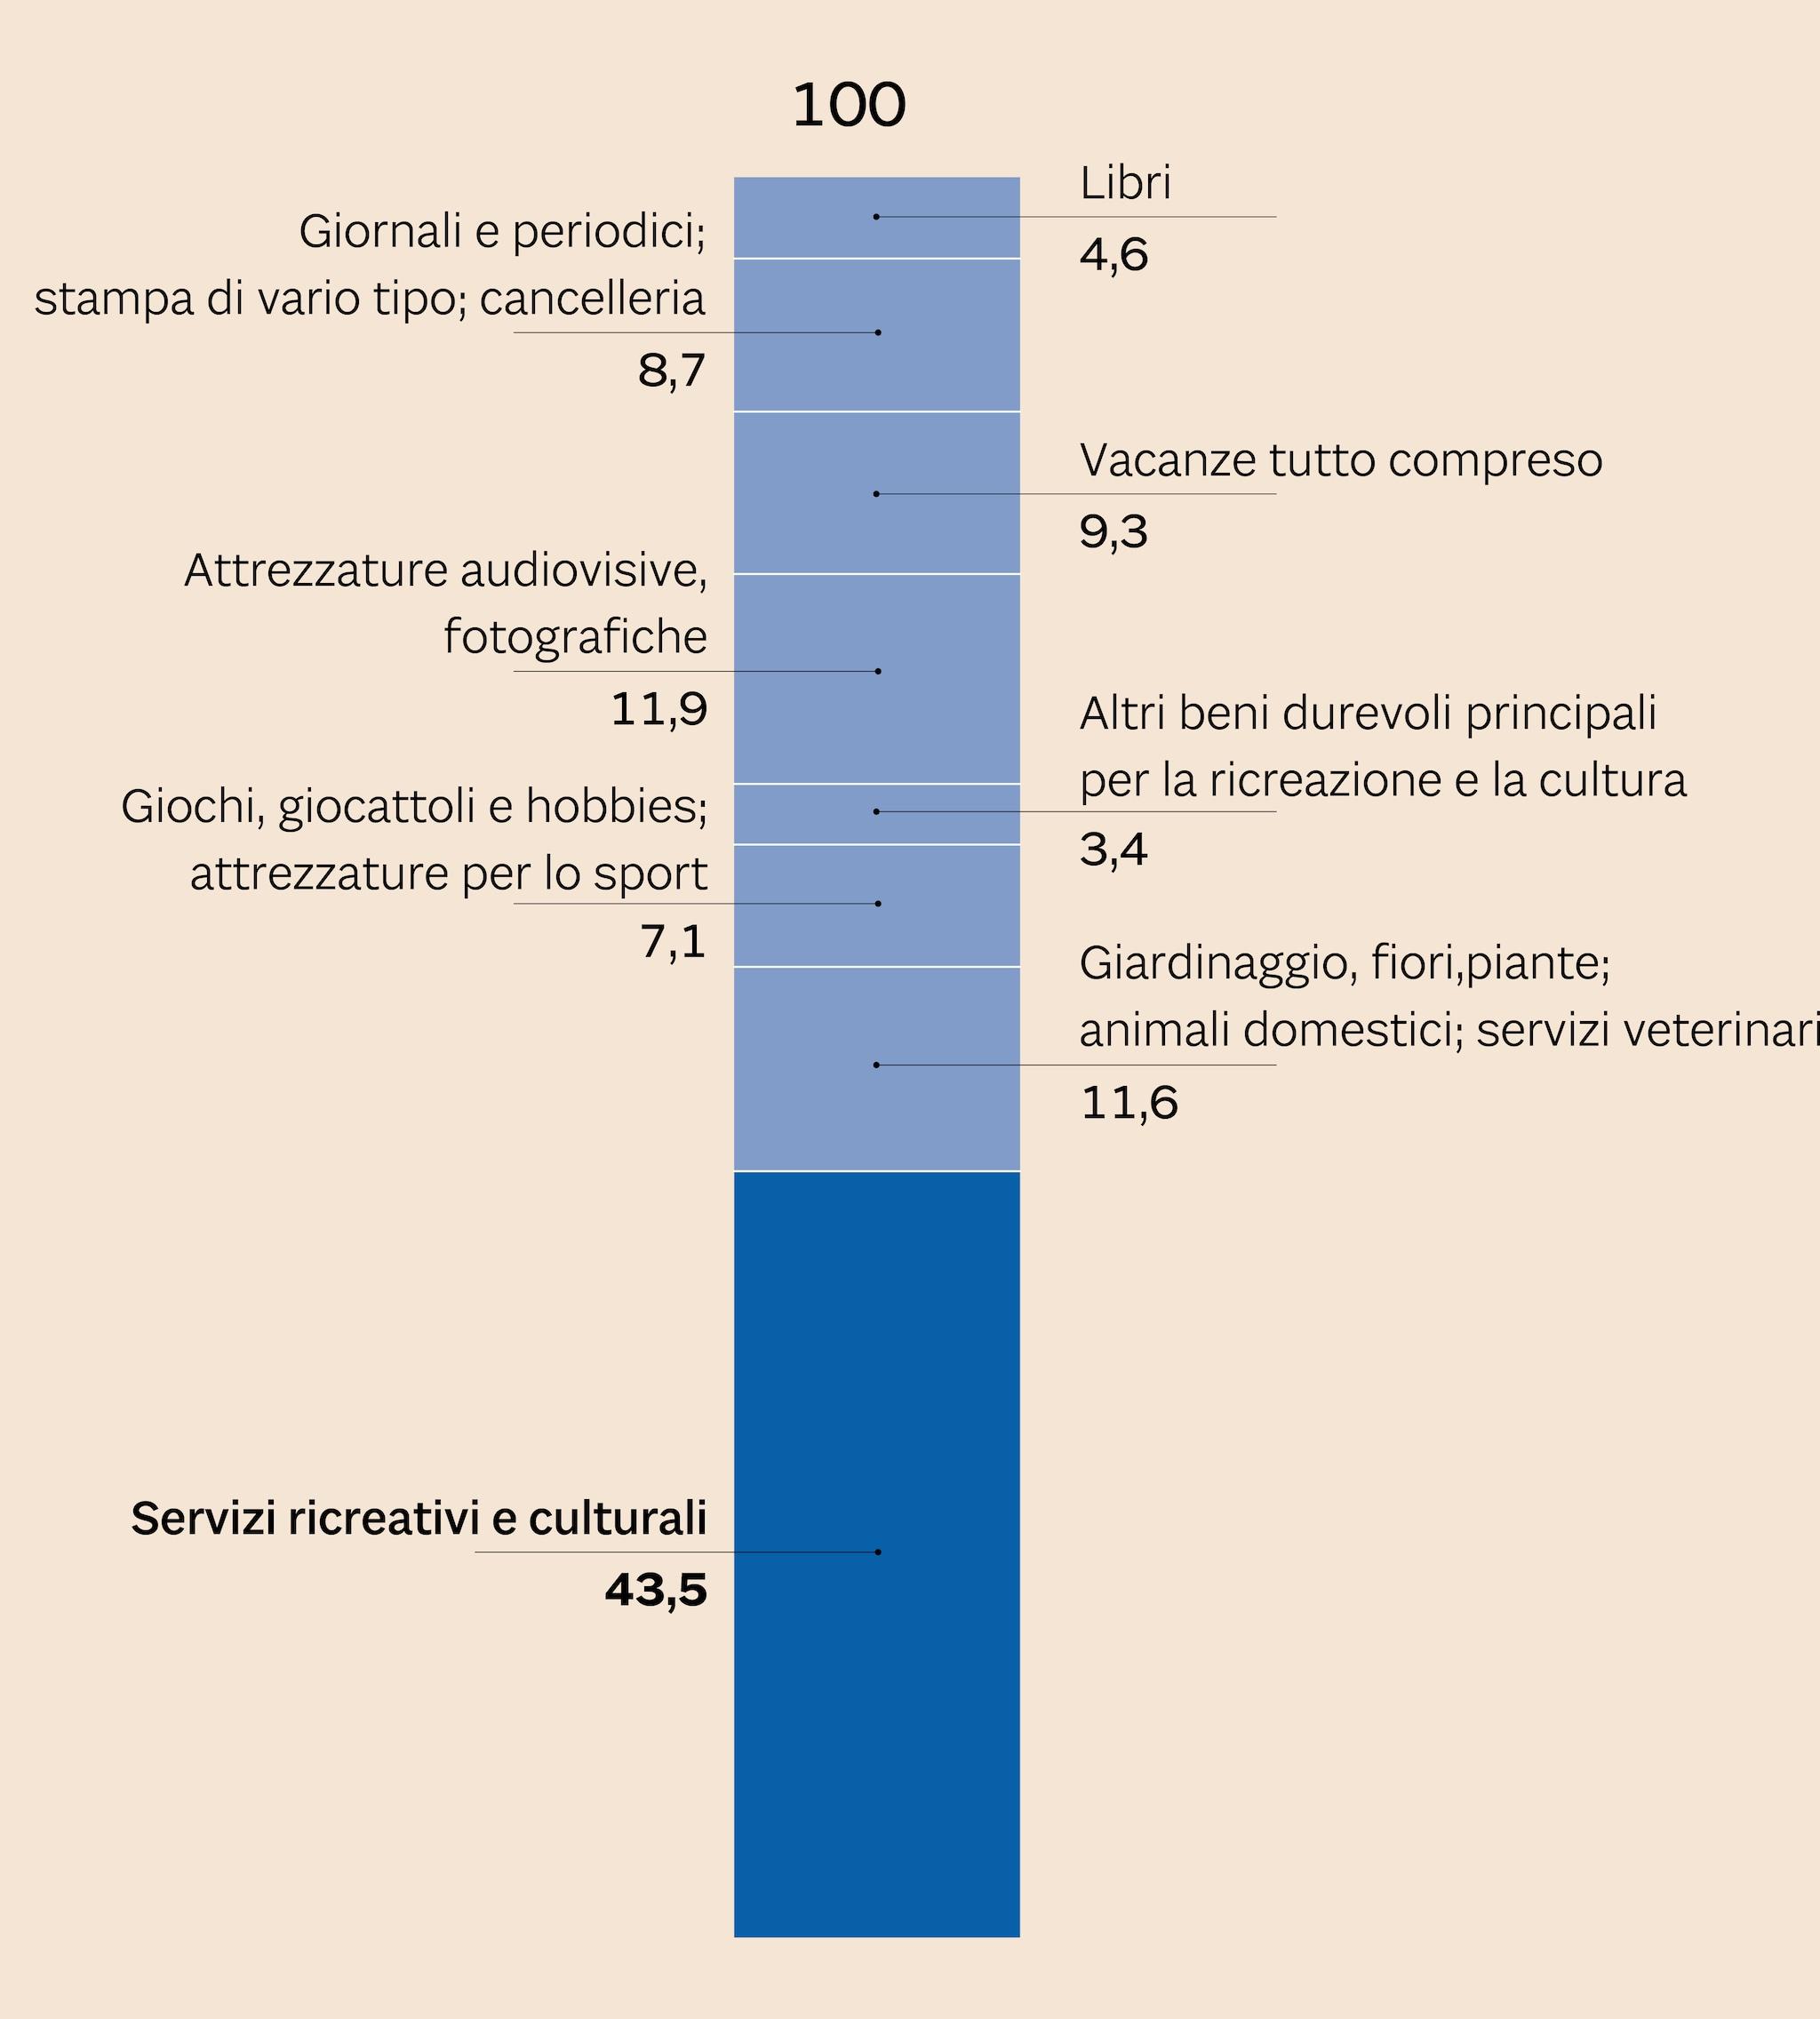 COMPOSIZIONE DELLA SPESA DELLE FAMIGLIE ITALIANE PER RICREAZIONE E CULTURA